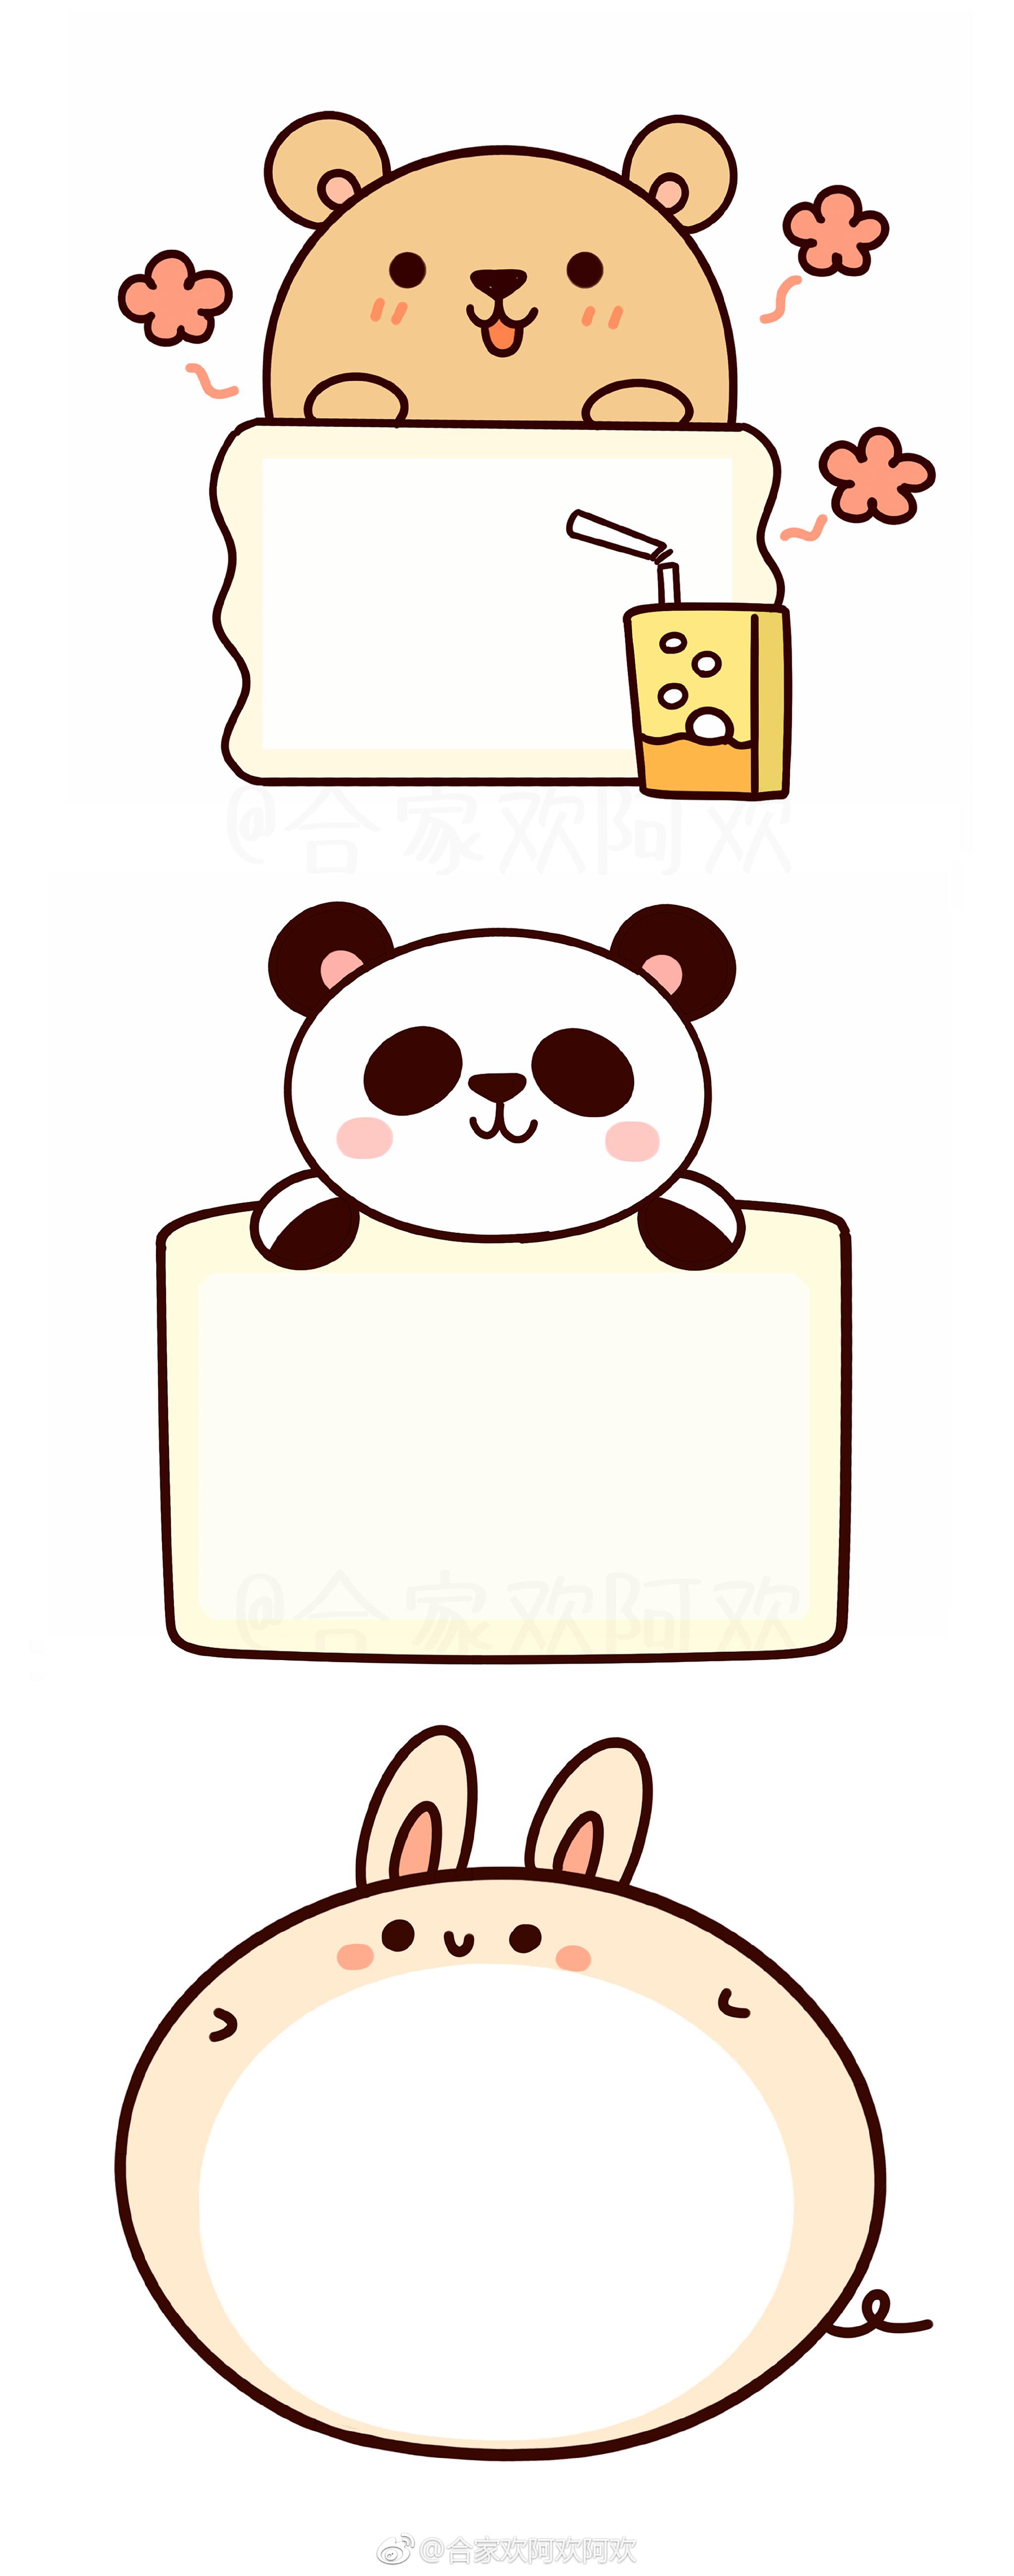 简单的手账排版 和 可爱卡通小边框